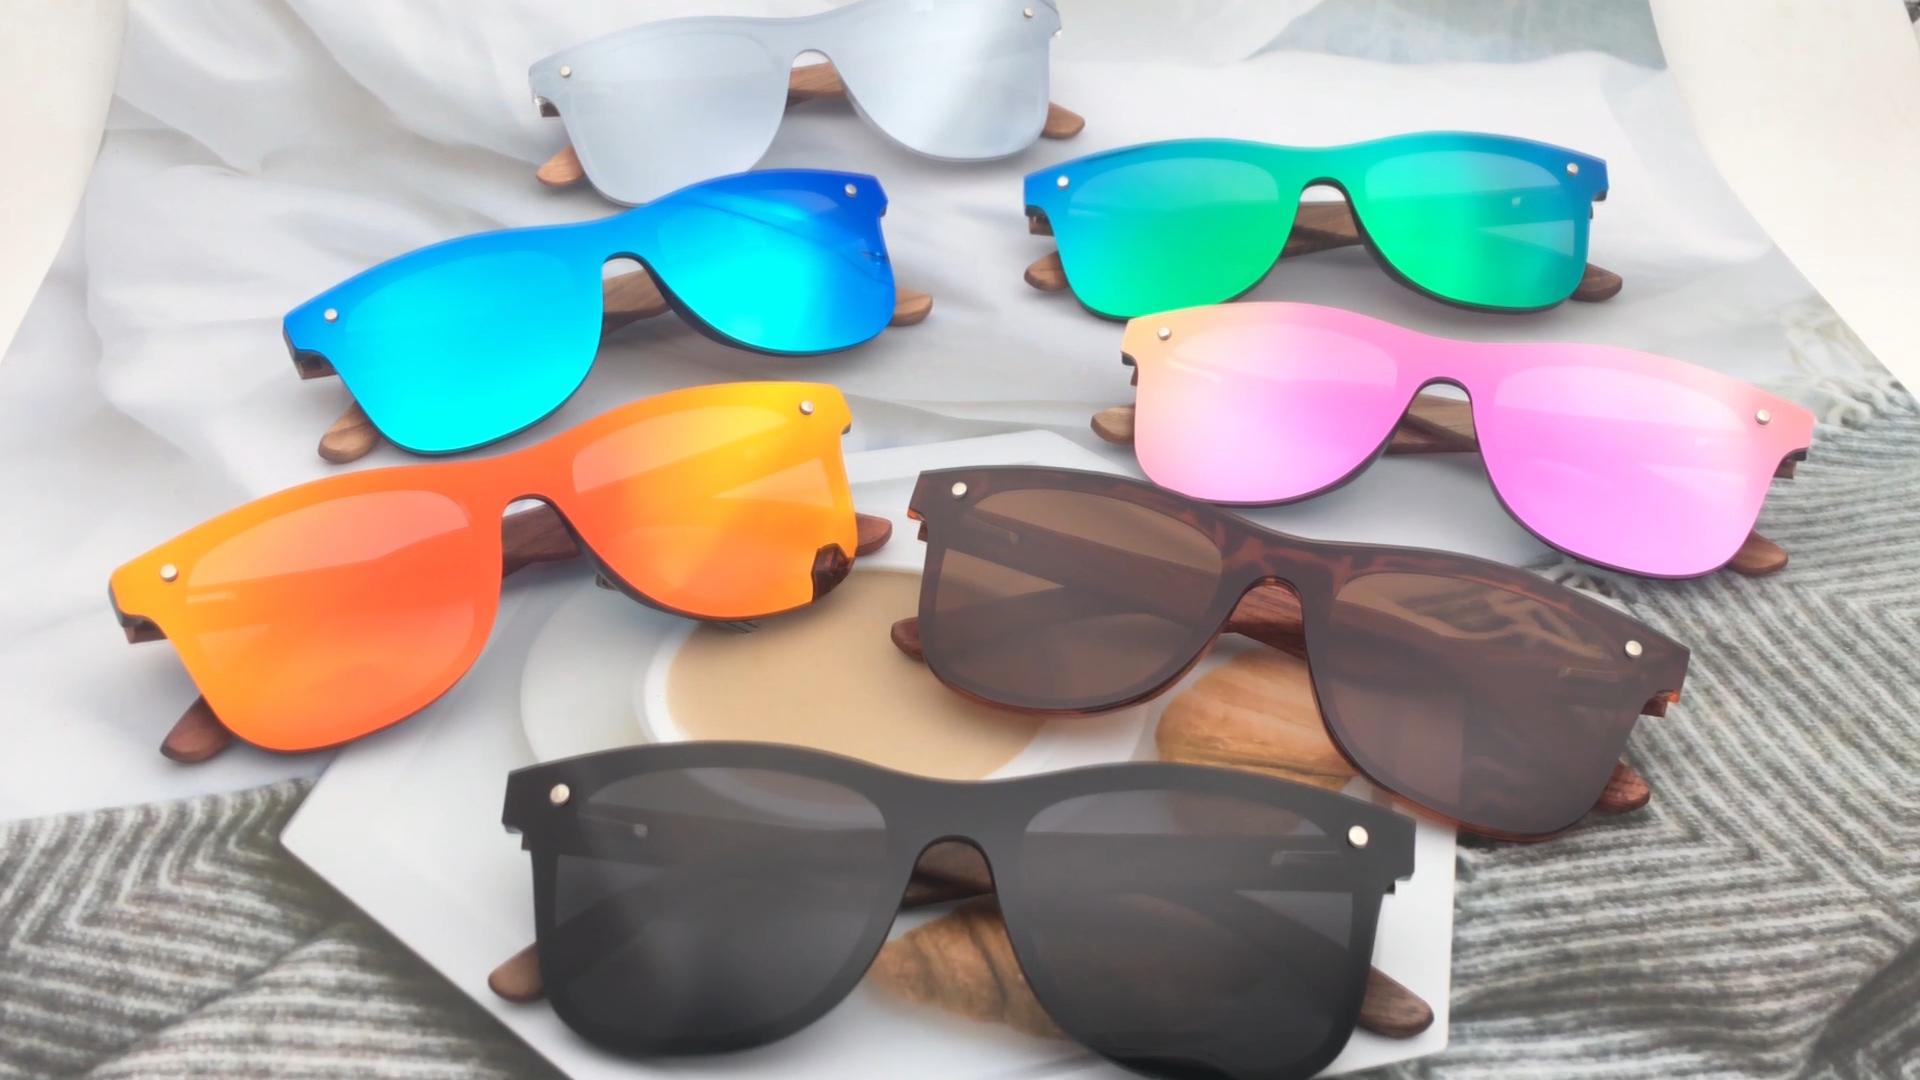 LS5029 new 2018 trending fashion colorful unisex uv polarized sunglasses with logo